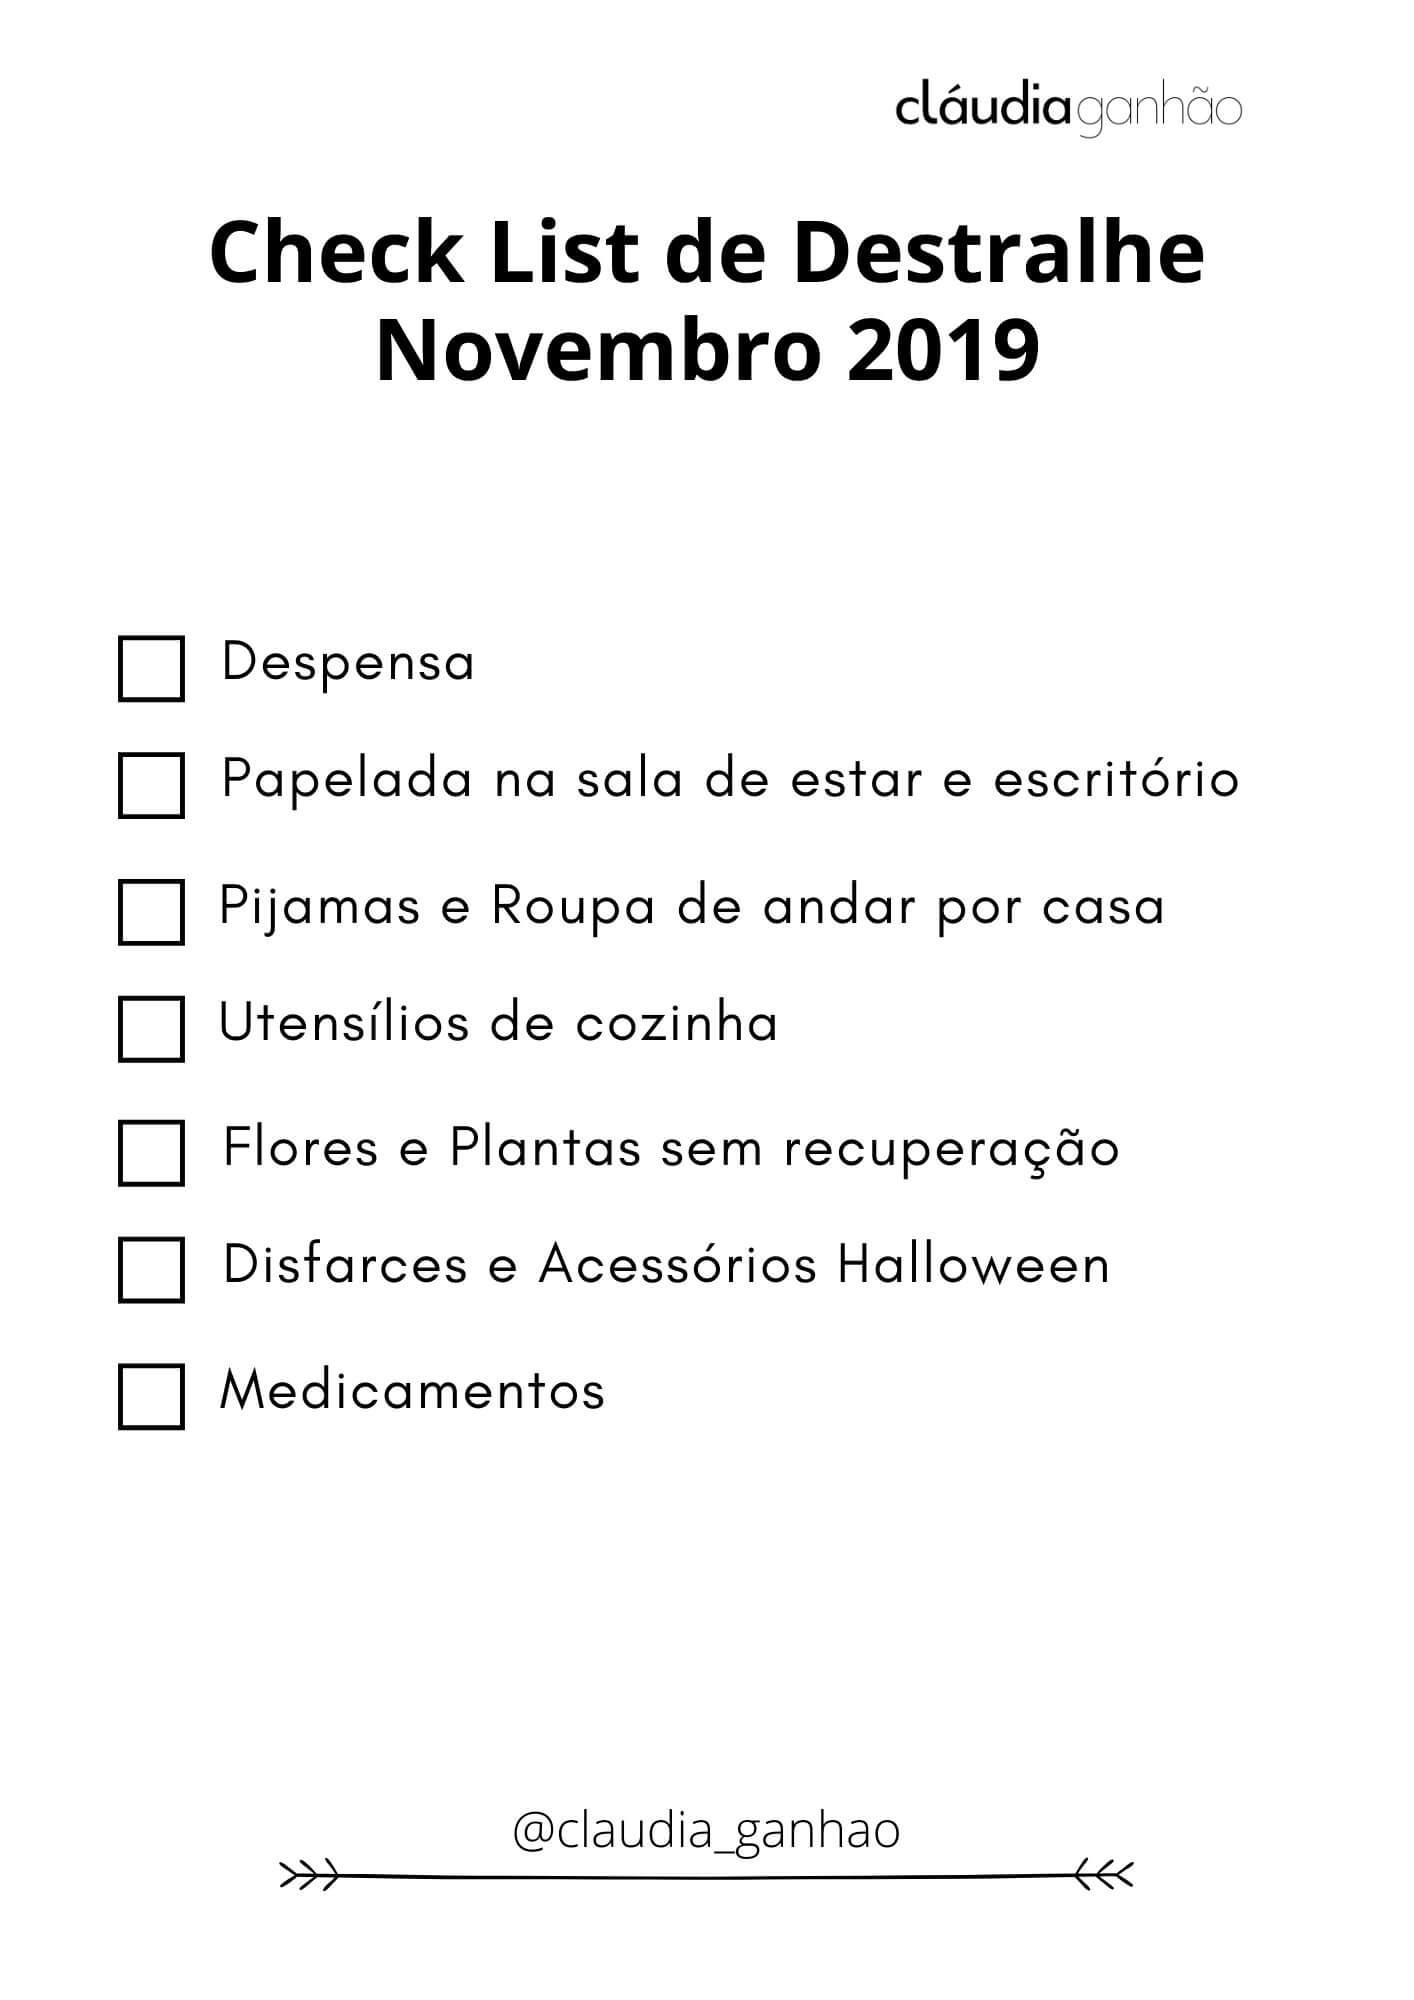 Check-list Destralhe Novembro